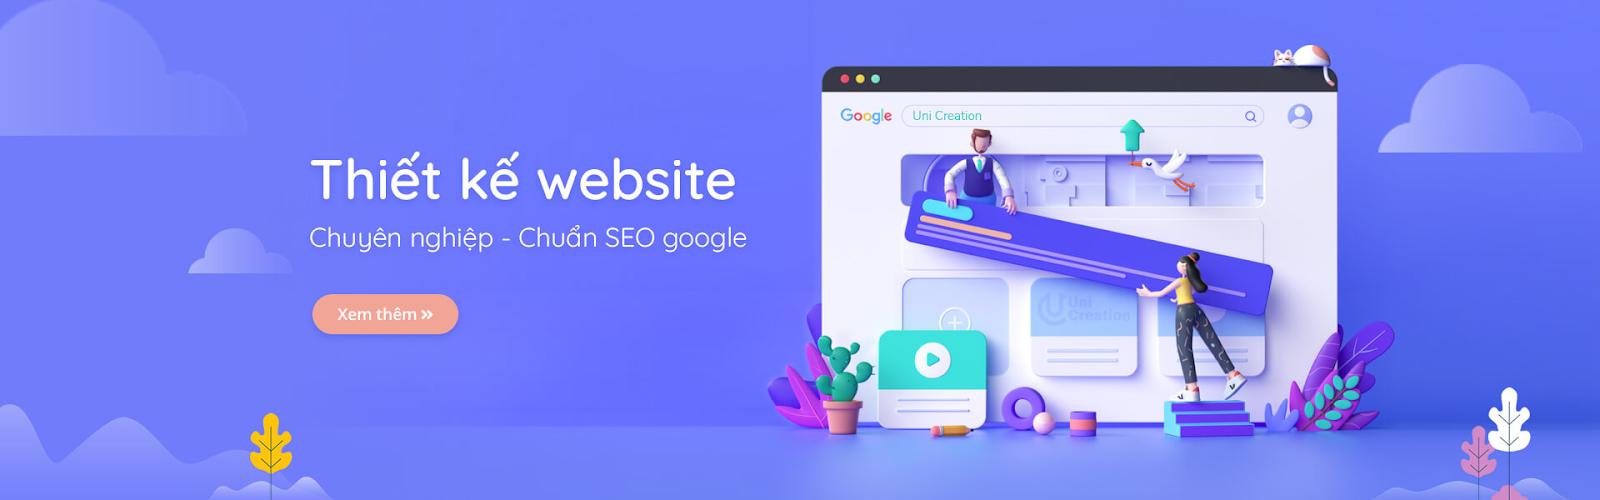 3+ Lý do bạn nên thiết kế website tại Uni Creation